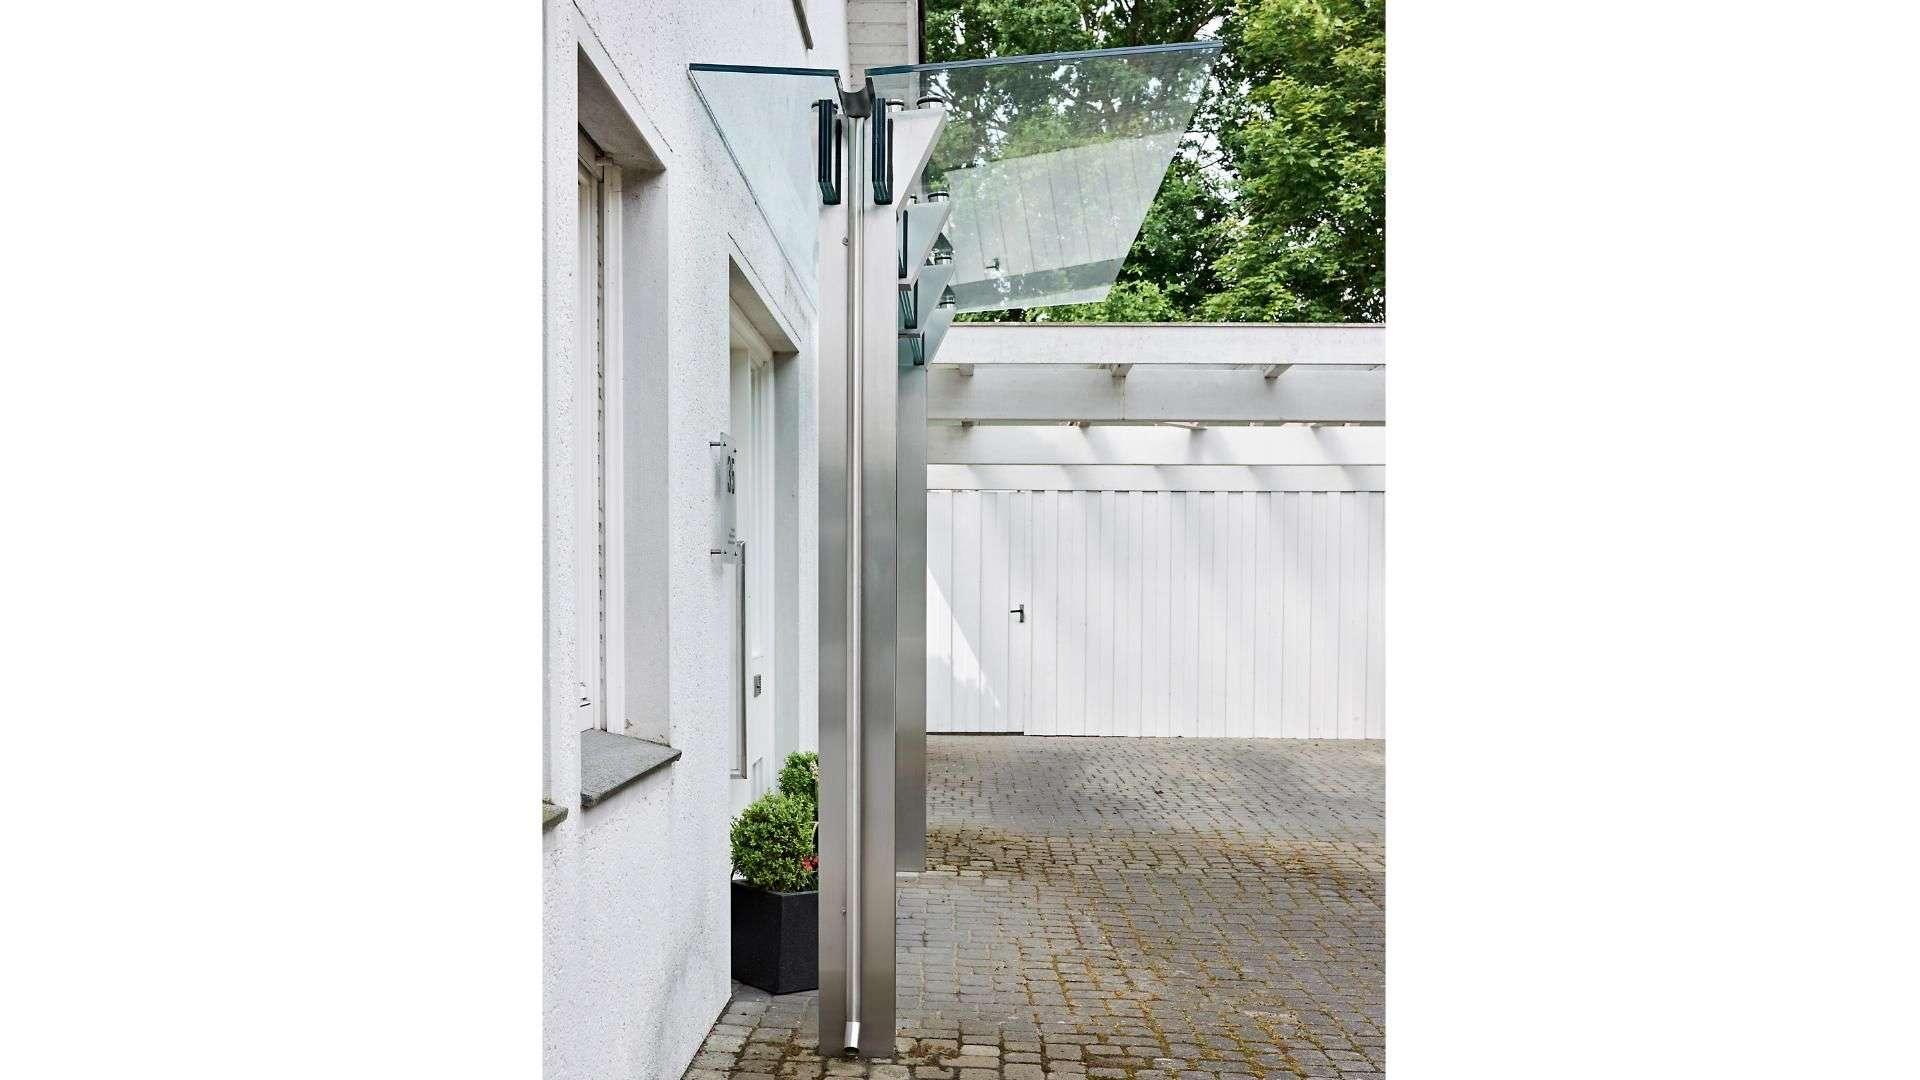 Seitenansicht eines Vordaches aus Glas